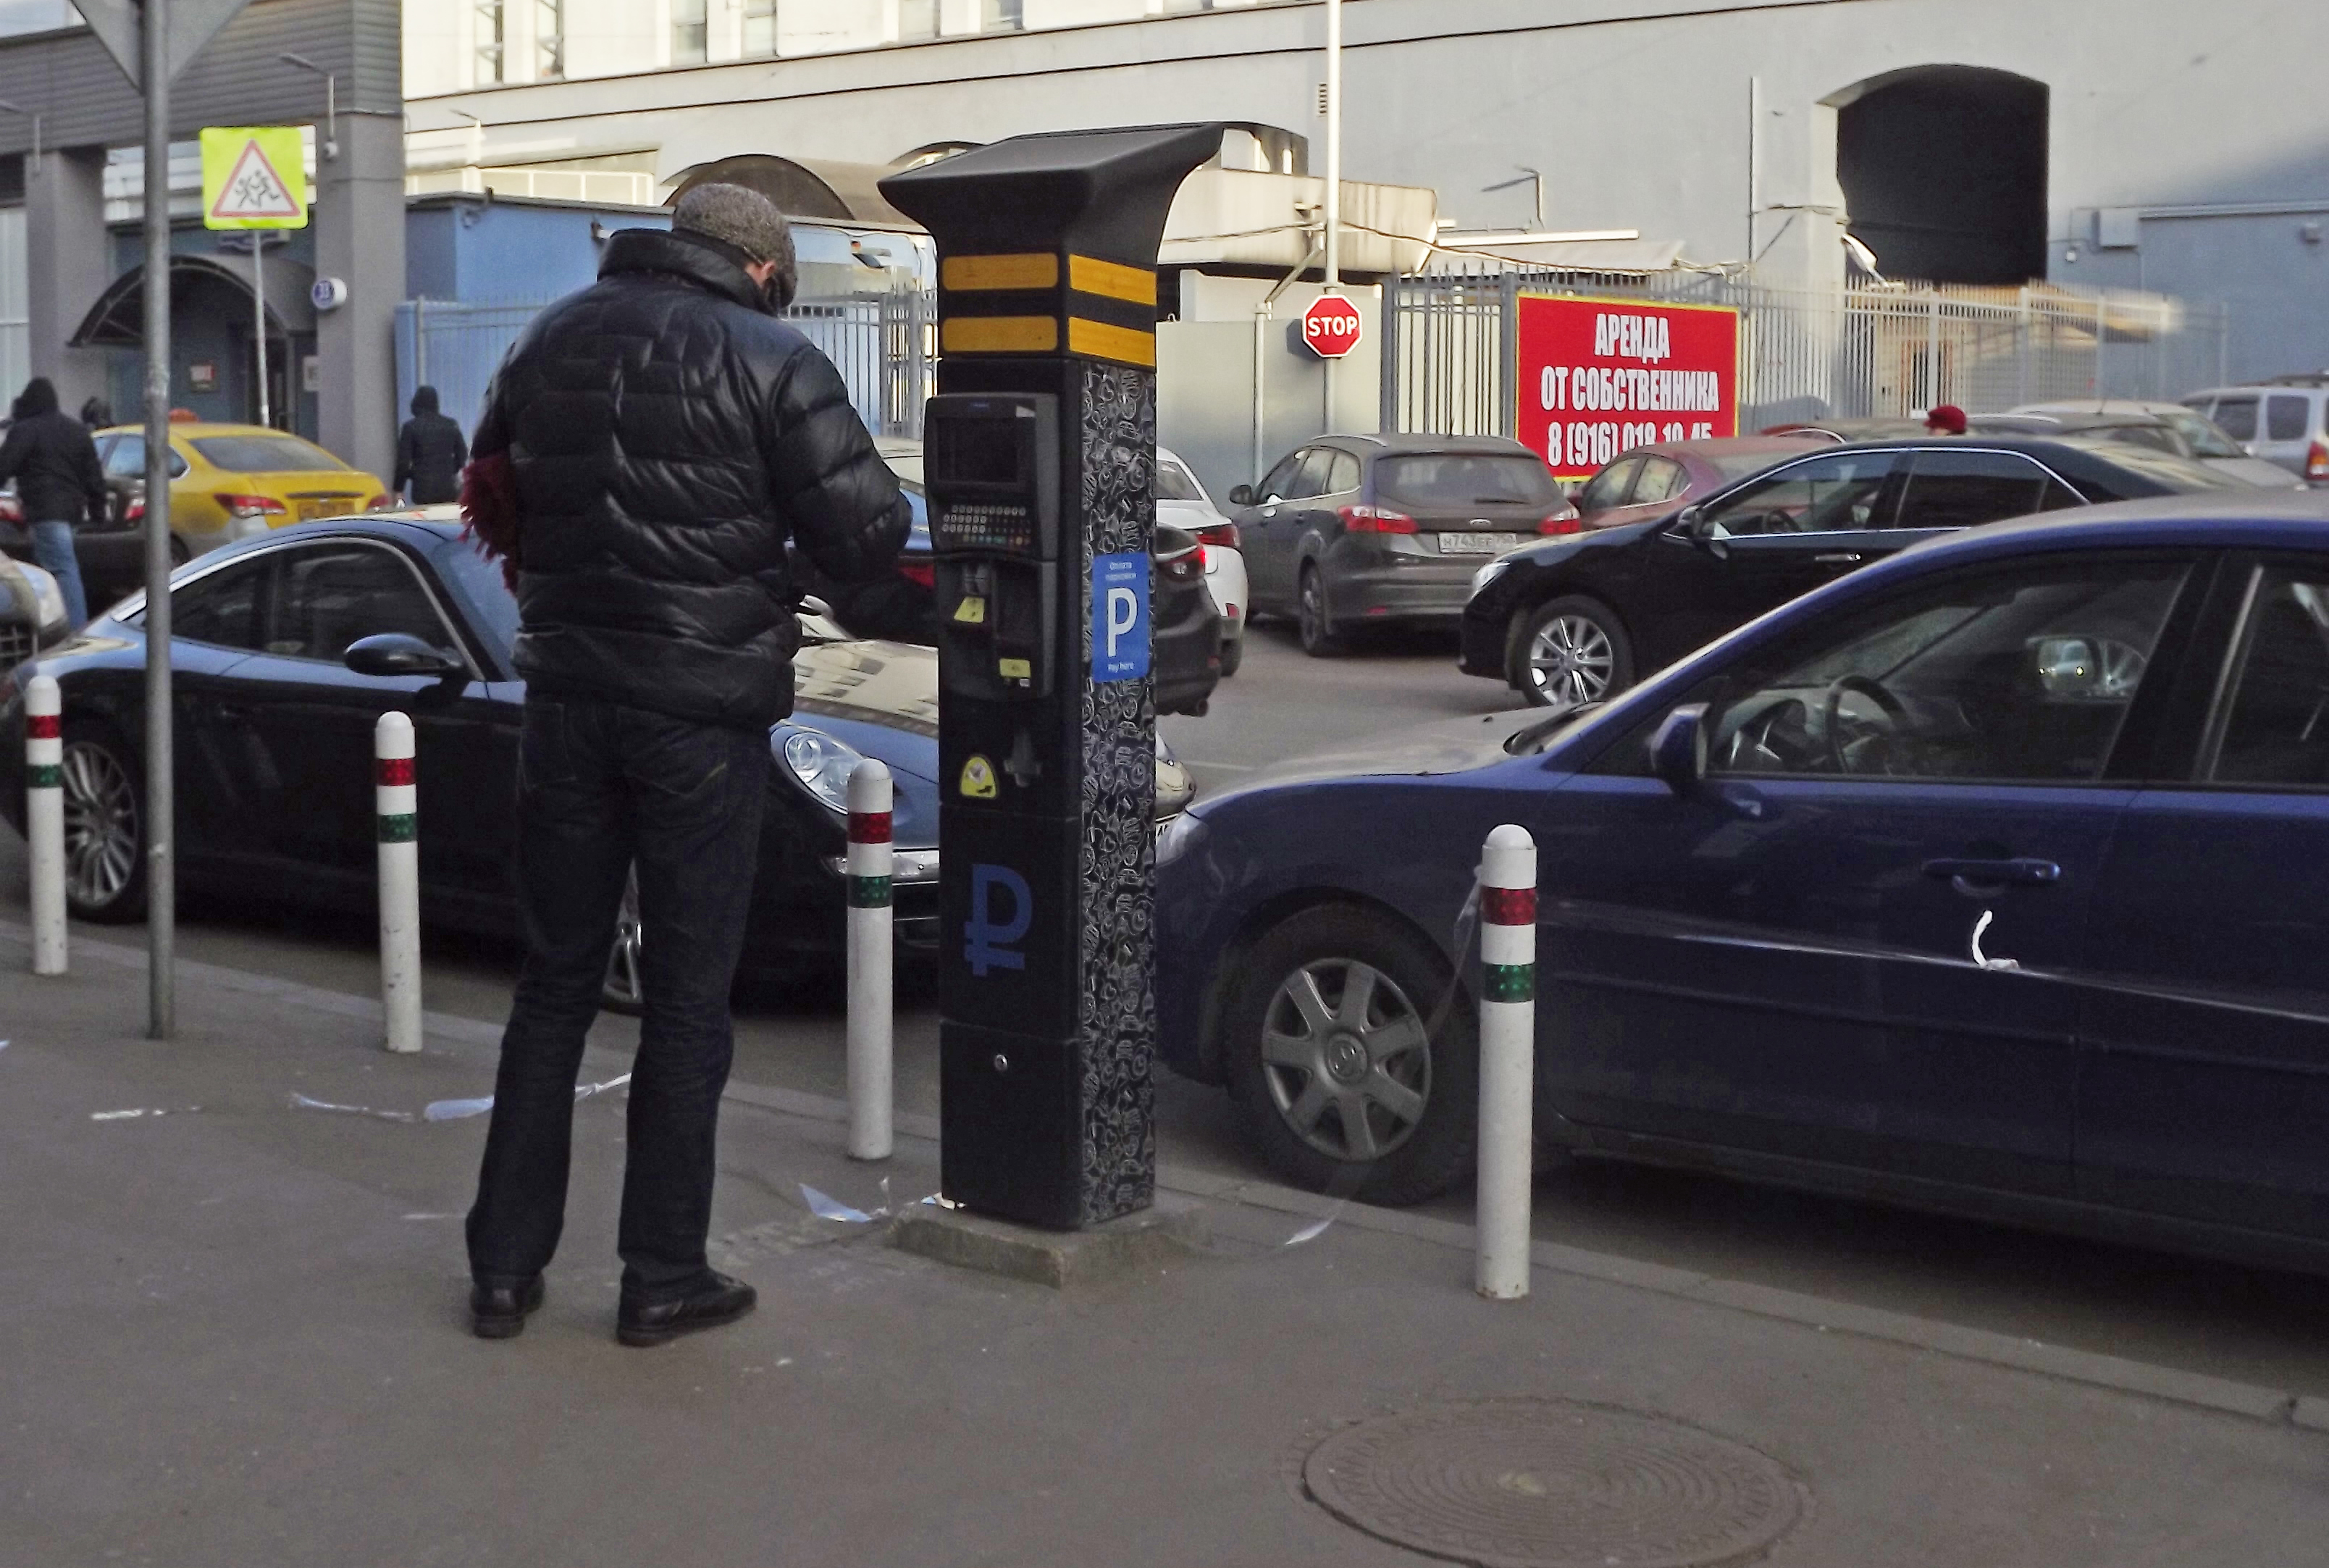 Водитель оплачивает парковку